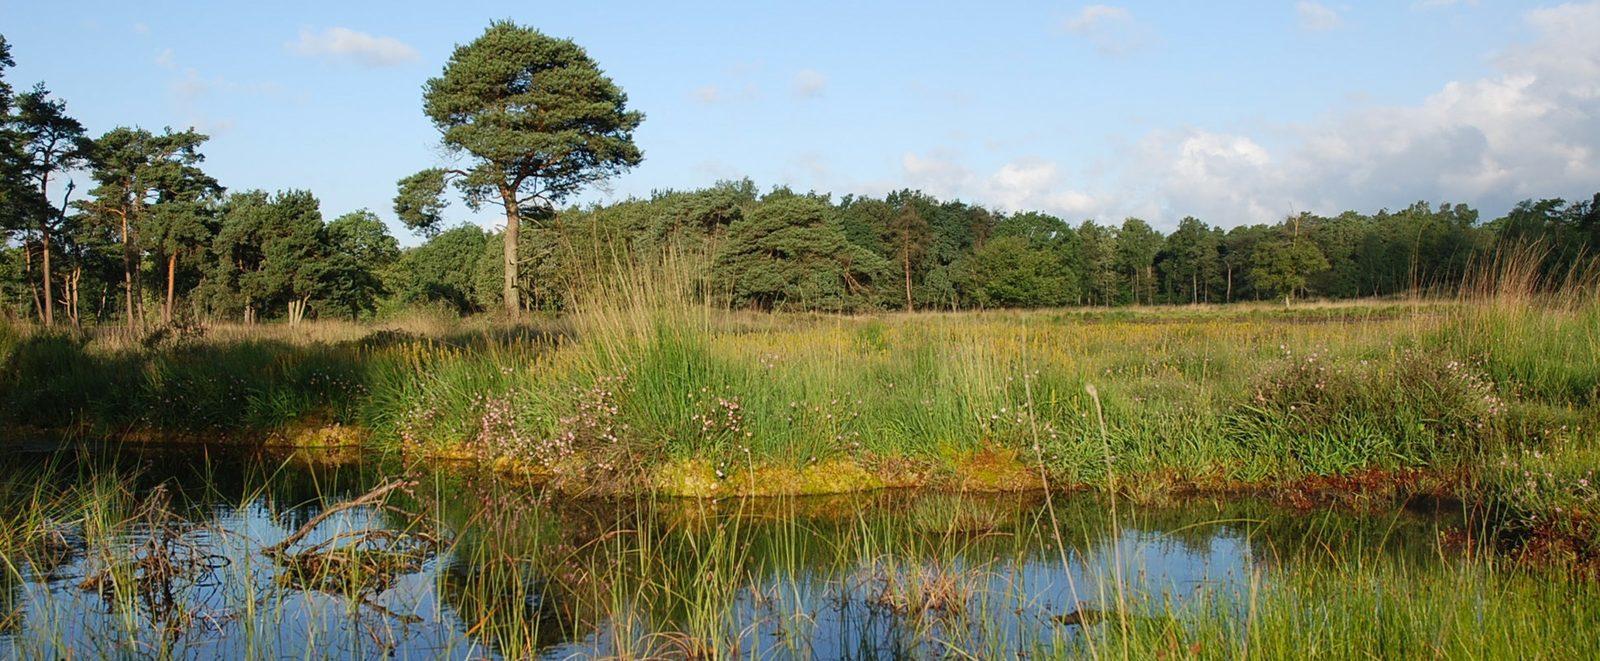 Provinz Gelderland